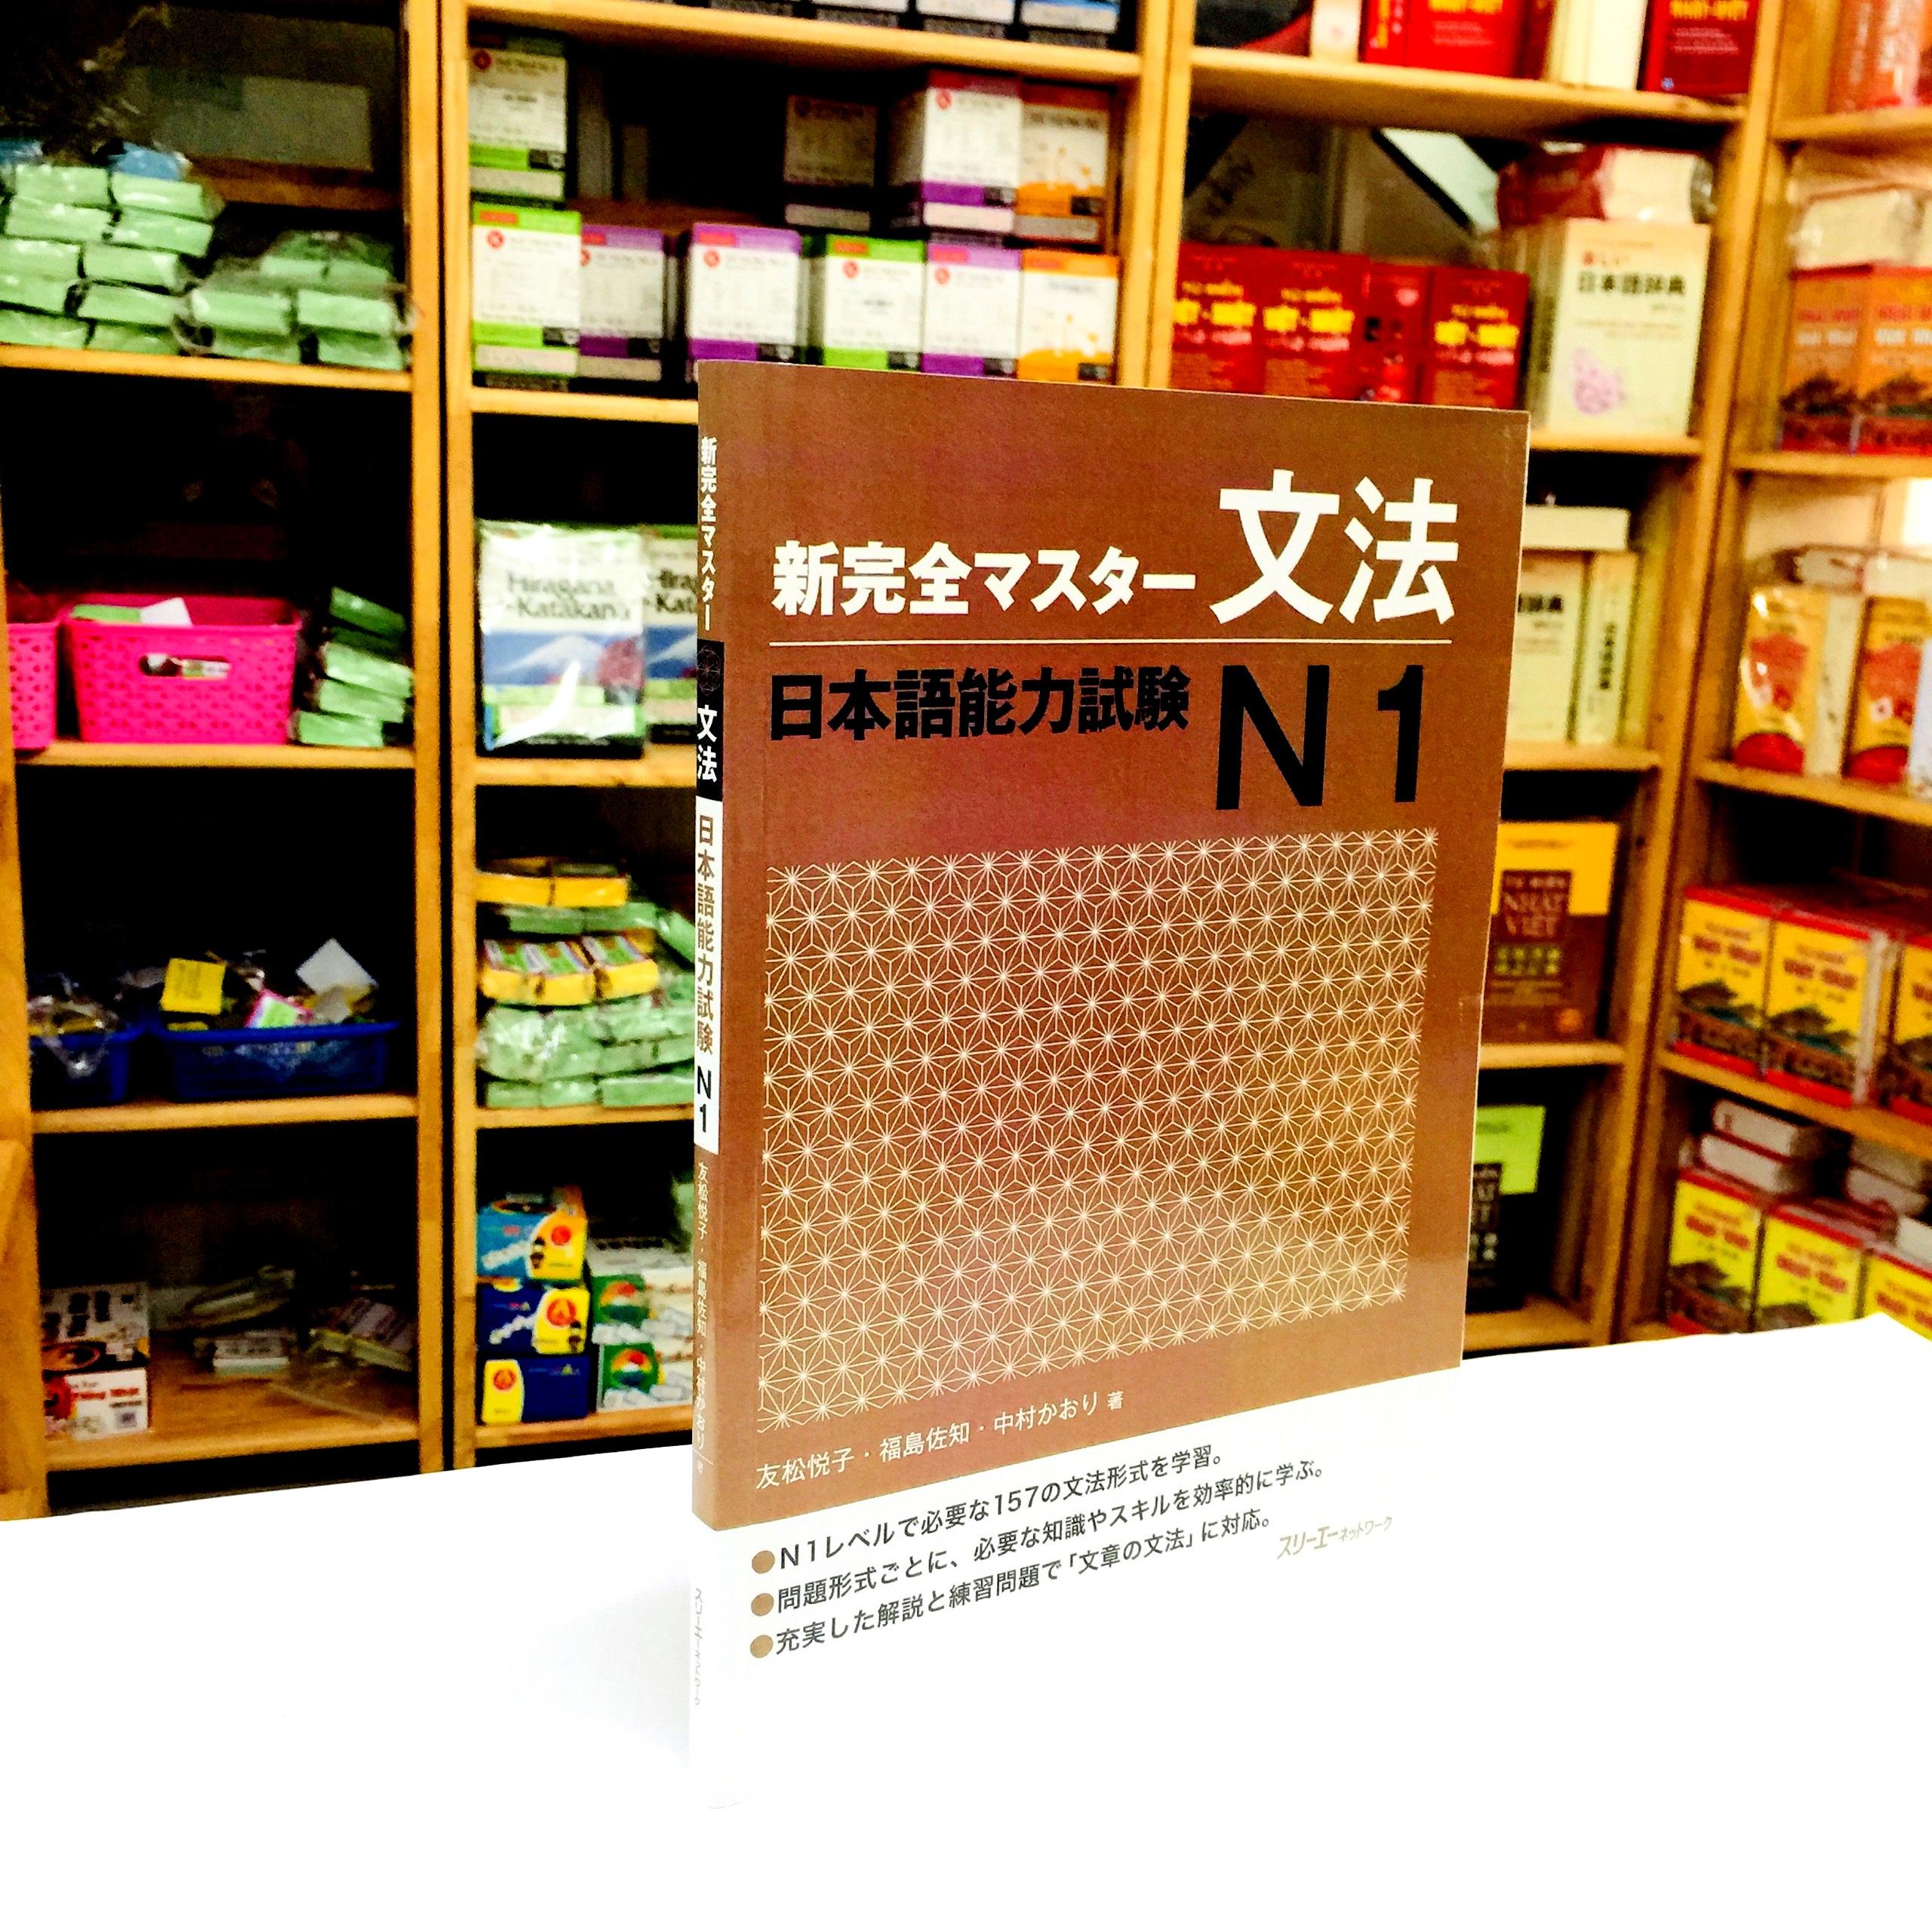 Sách luyện thi N1 Shinkansen masuta ngữ pháp